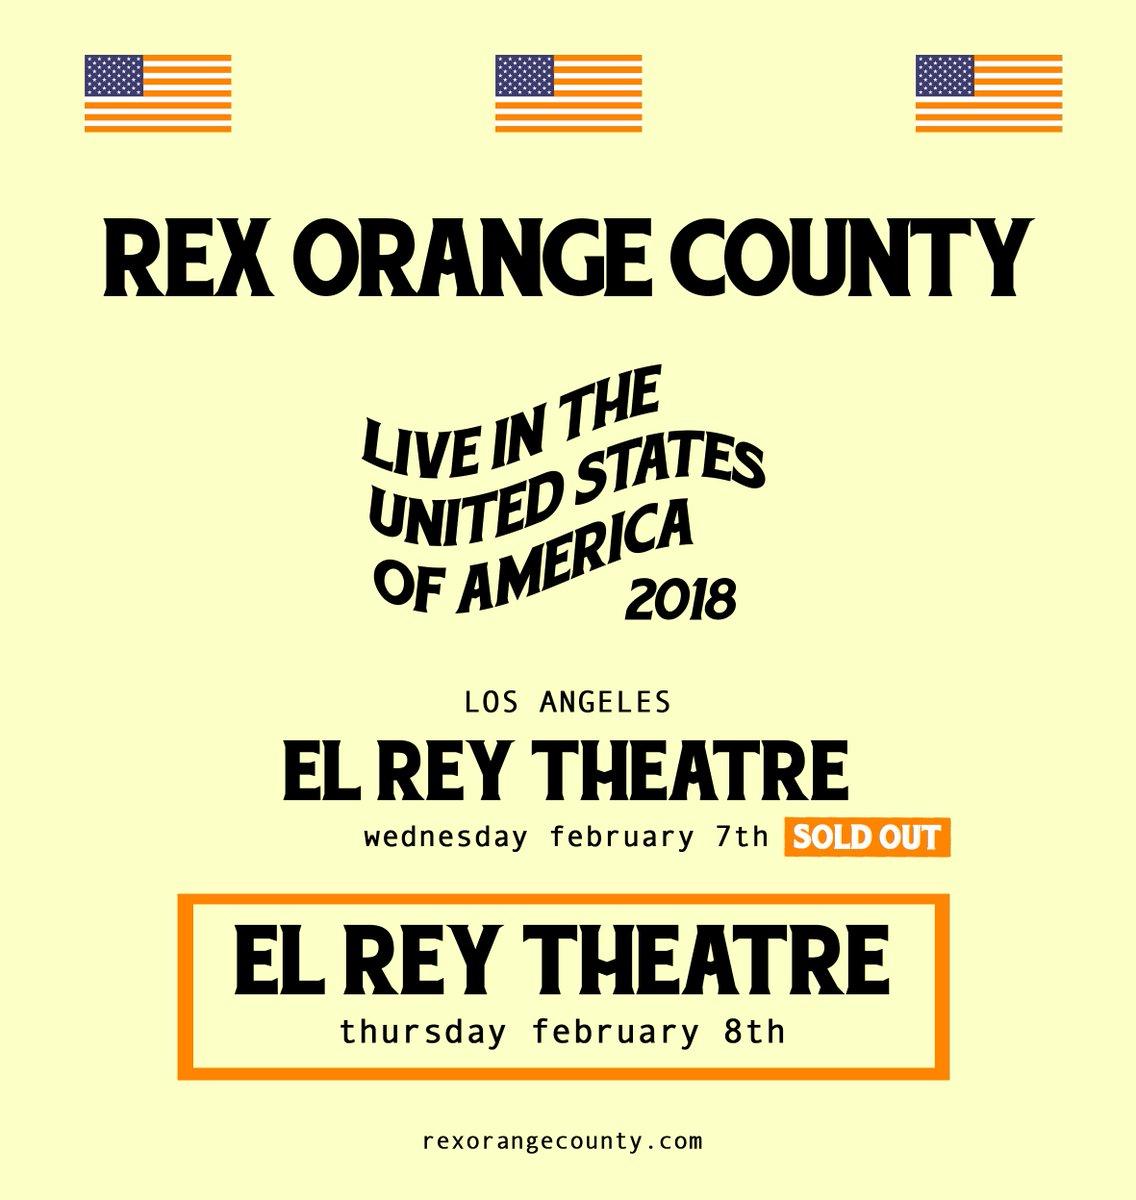 LOS ANGELES  el rey theatre - thursday 8...